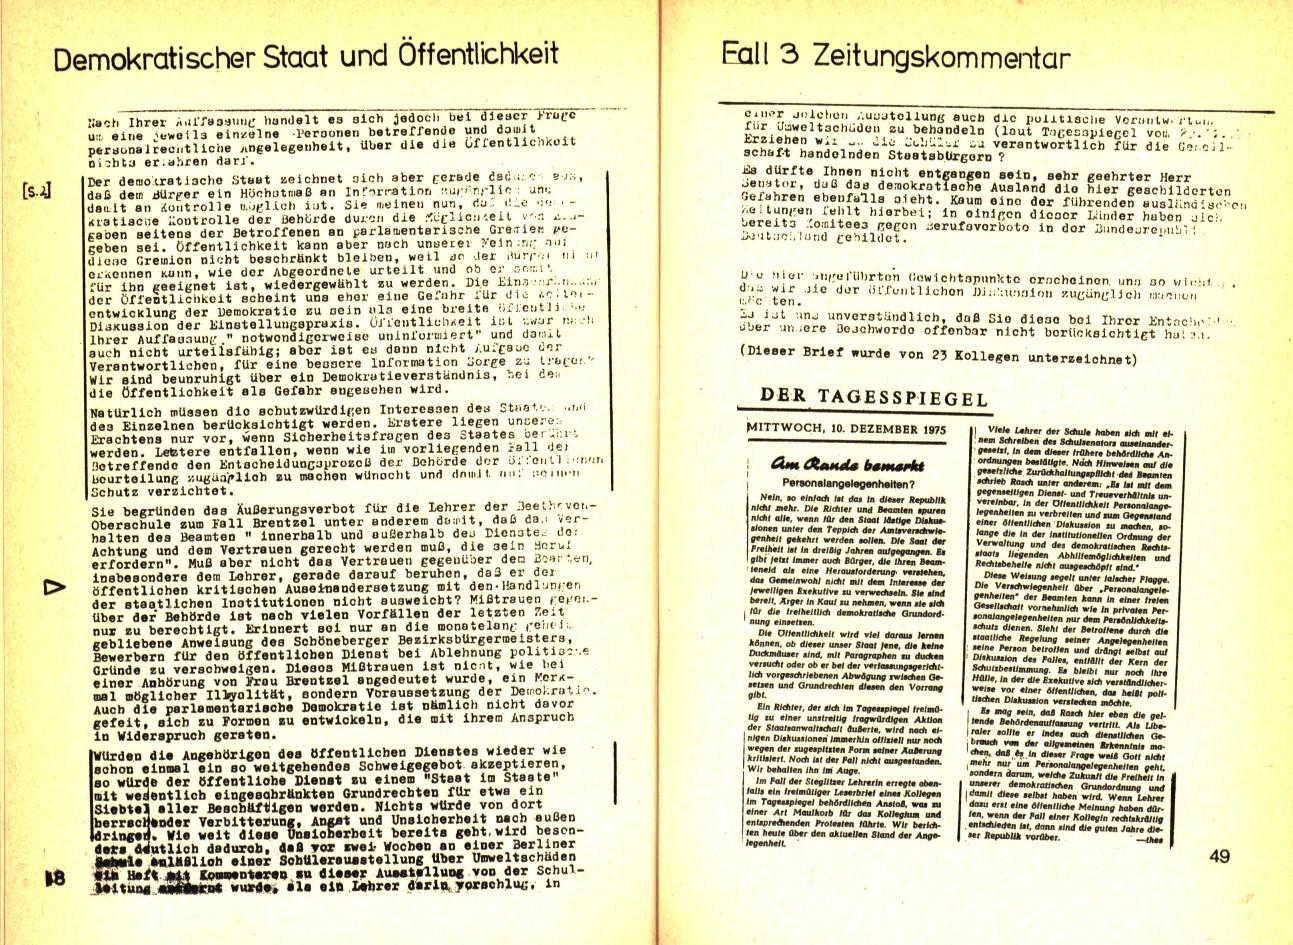 Berlin_VDS_Aktionskomitee_1976_BerufsverboteIII_26